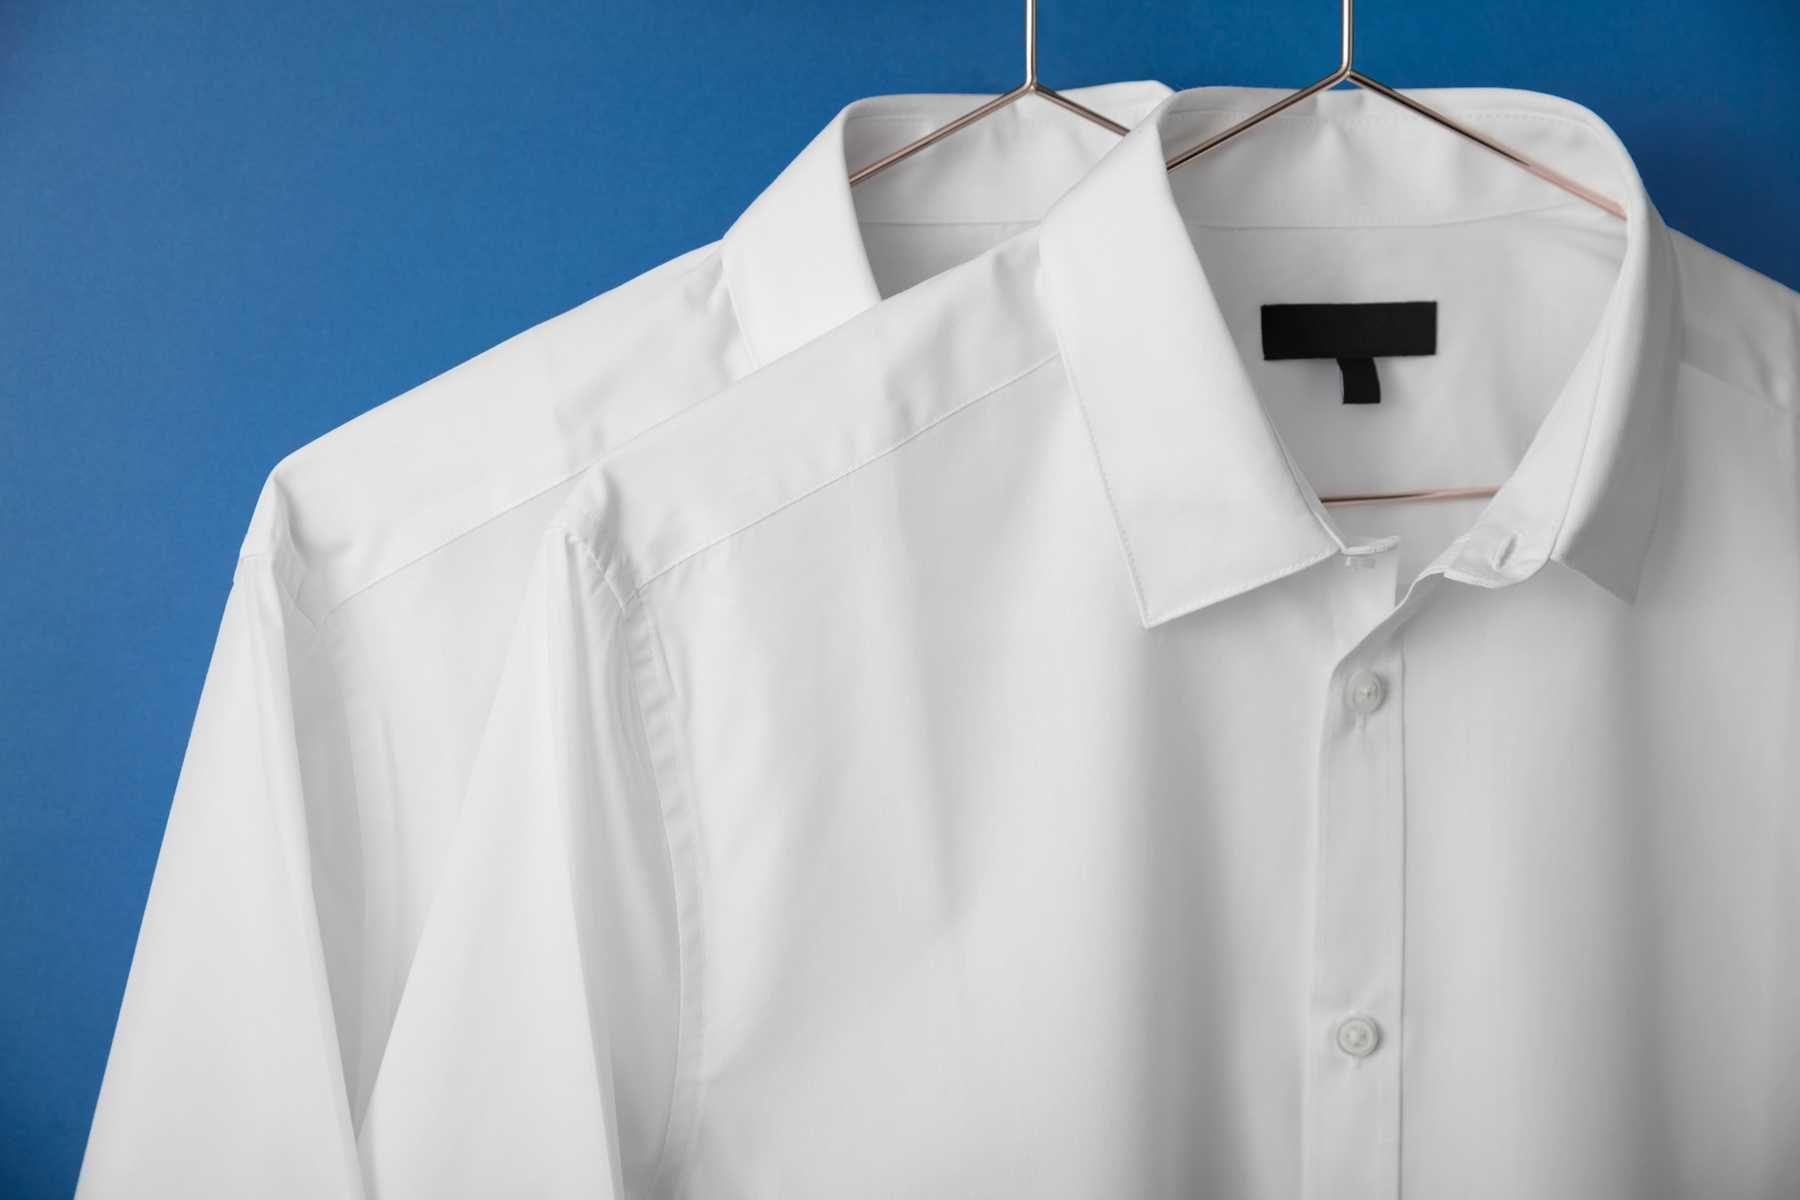 Cara menghilangkan noda deodoran di baju